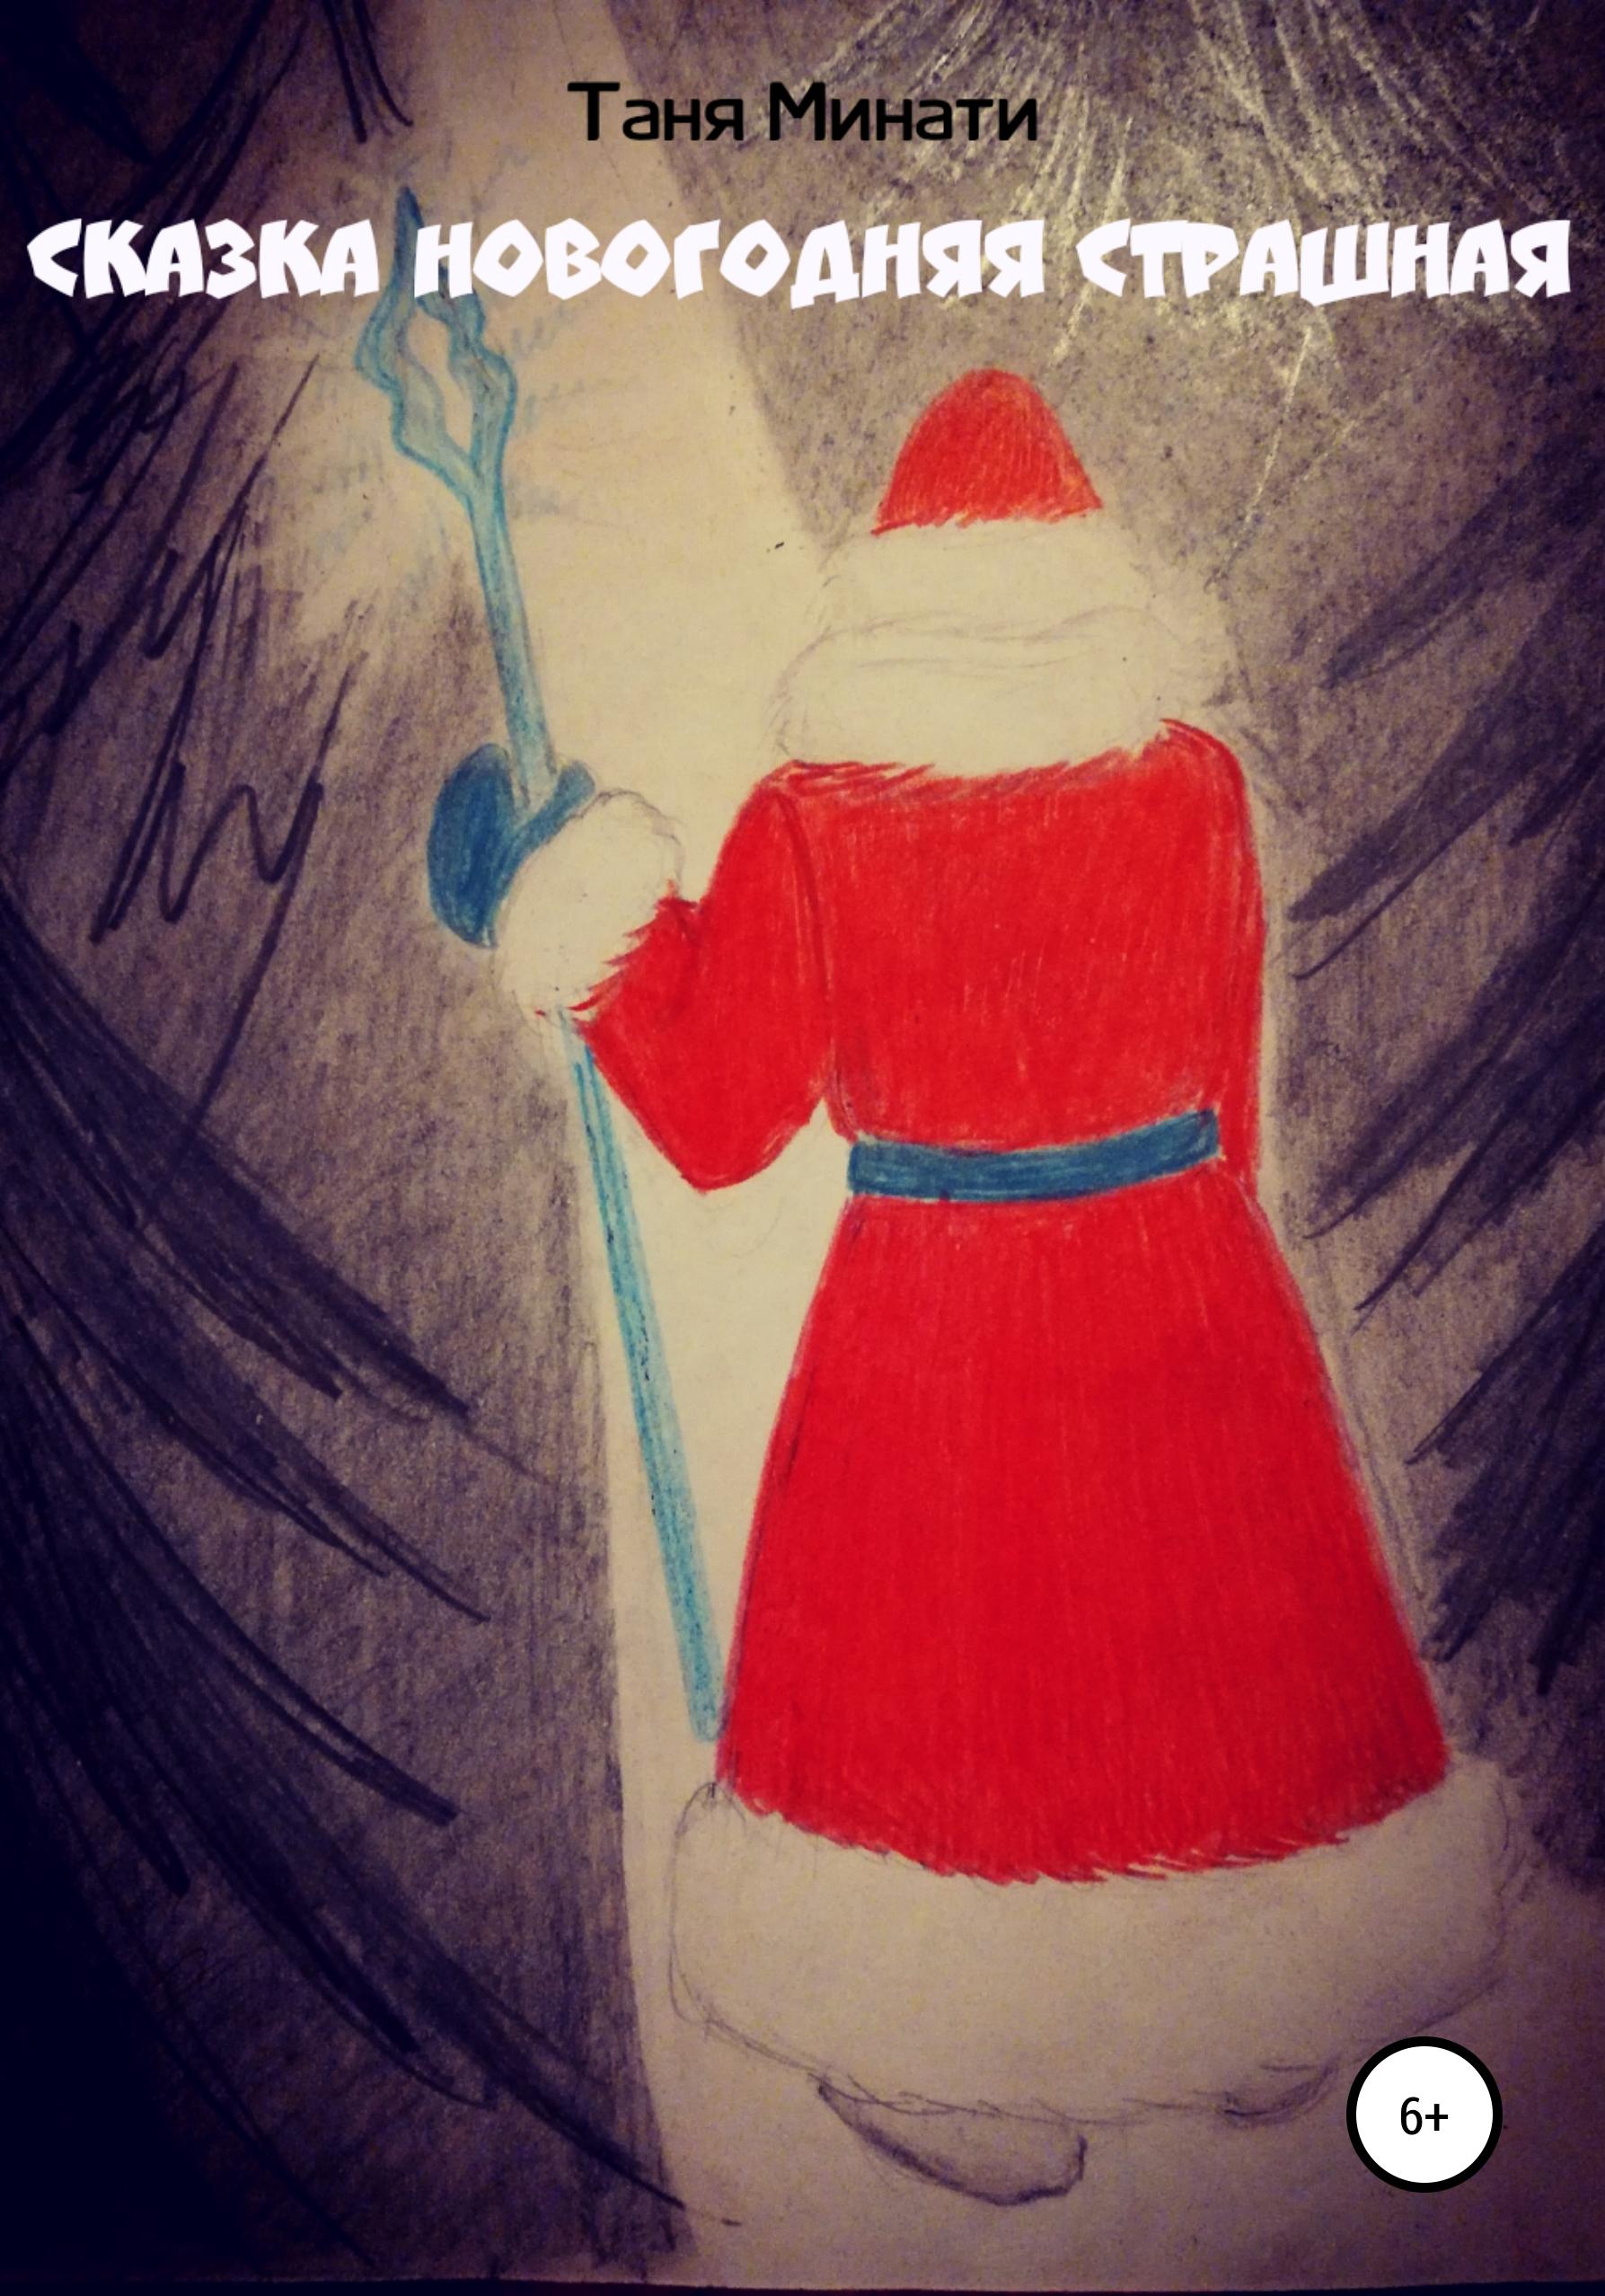 Купить книгу Сказка новогодняя страшная, автора Тани Минати